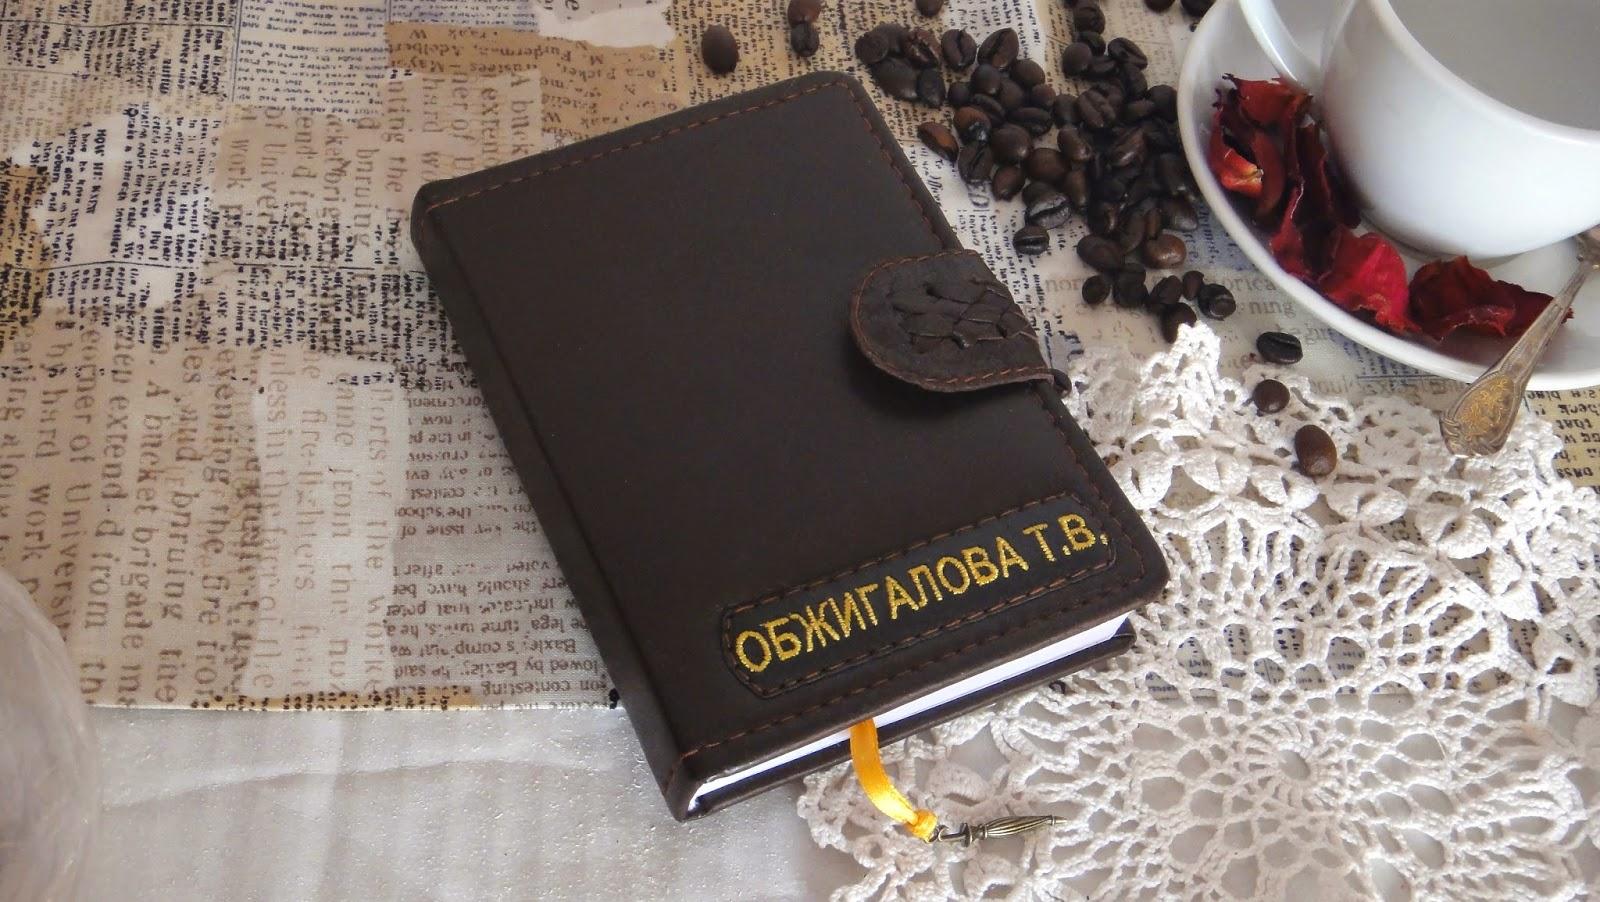 Персональный ежедневник женский - на обложке имя фамилия владельца